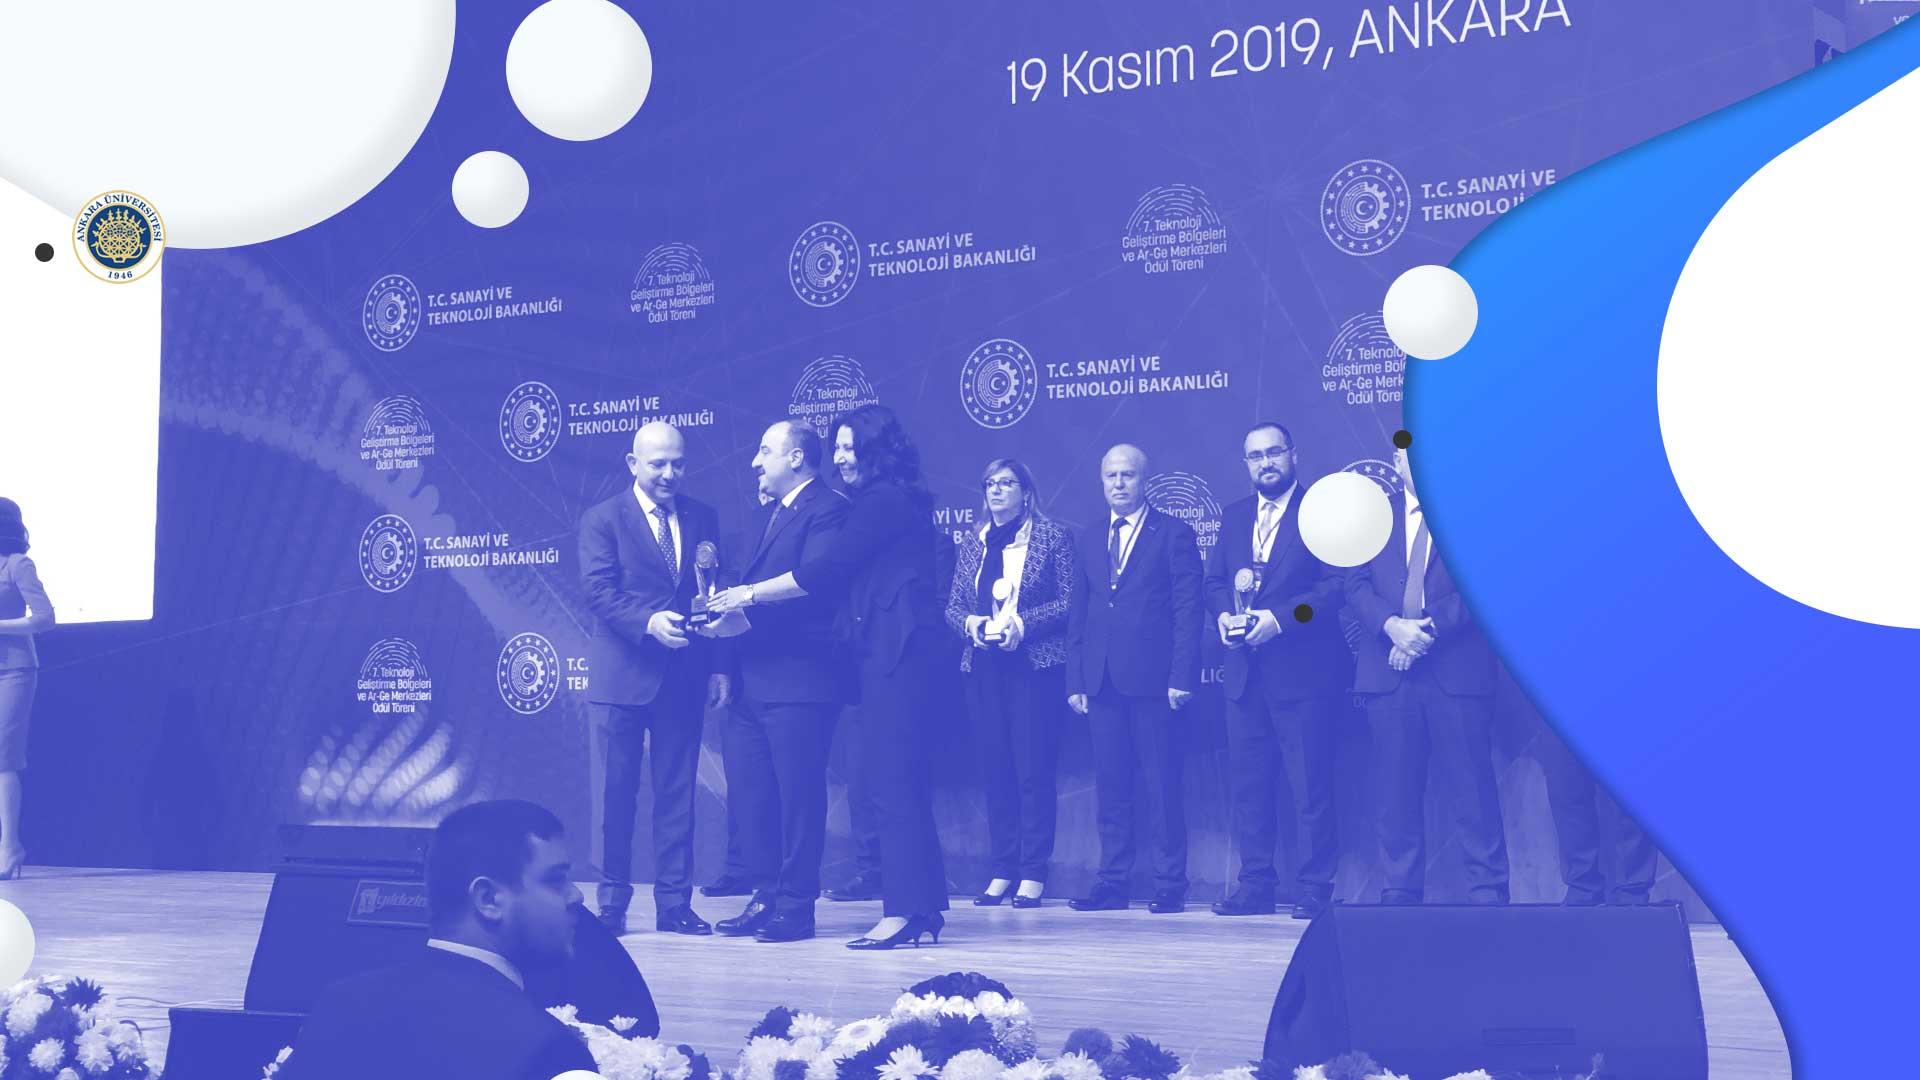 Teknoloji ve Sanayi Bakanlığı'ndan Ödül